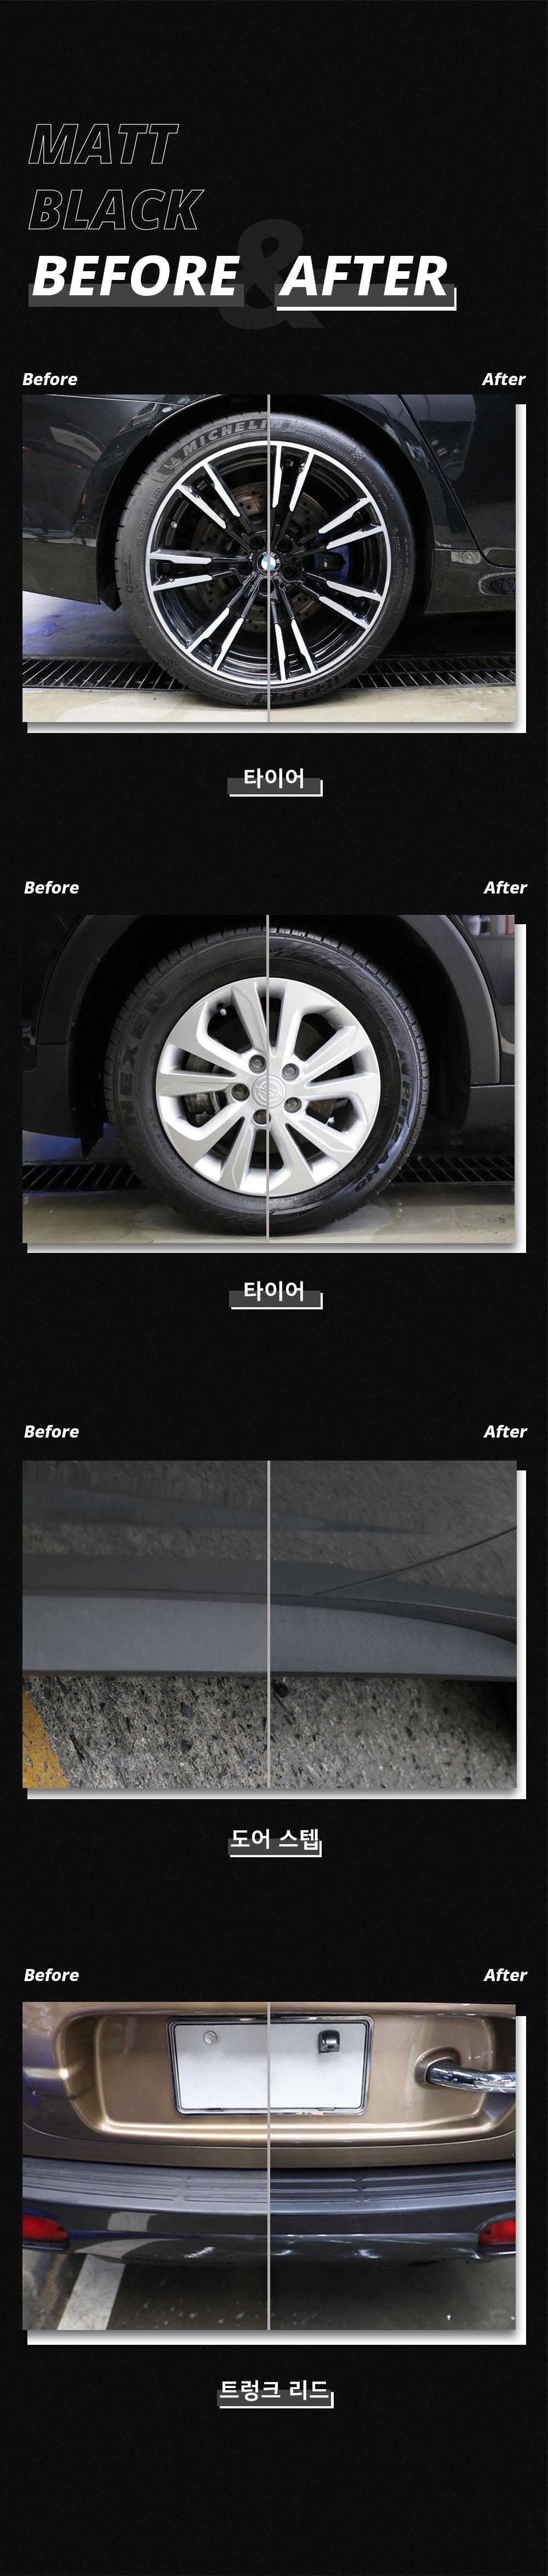 6matt-black-before-after